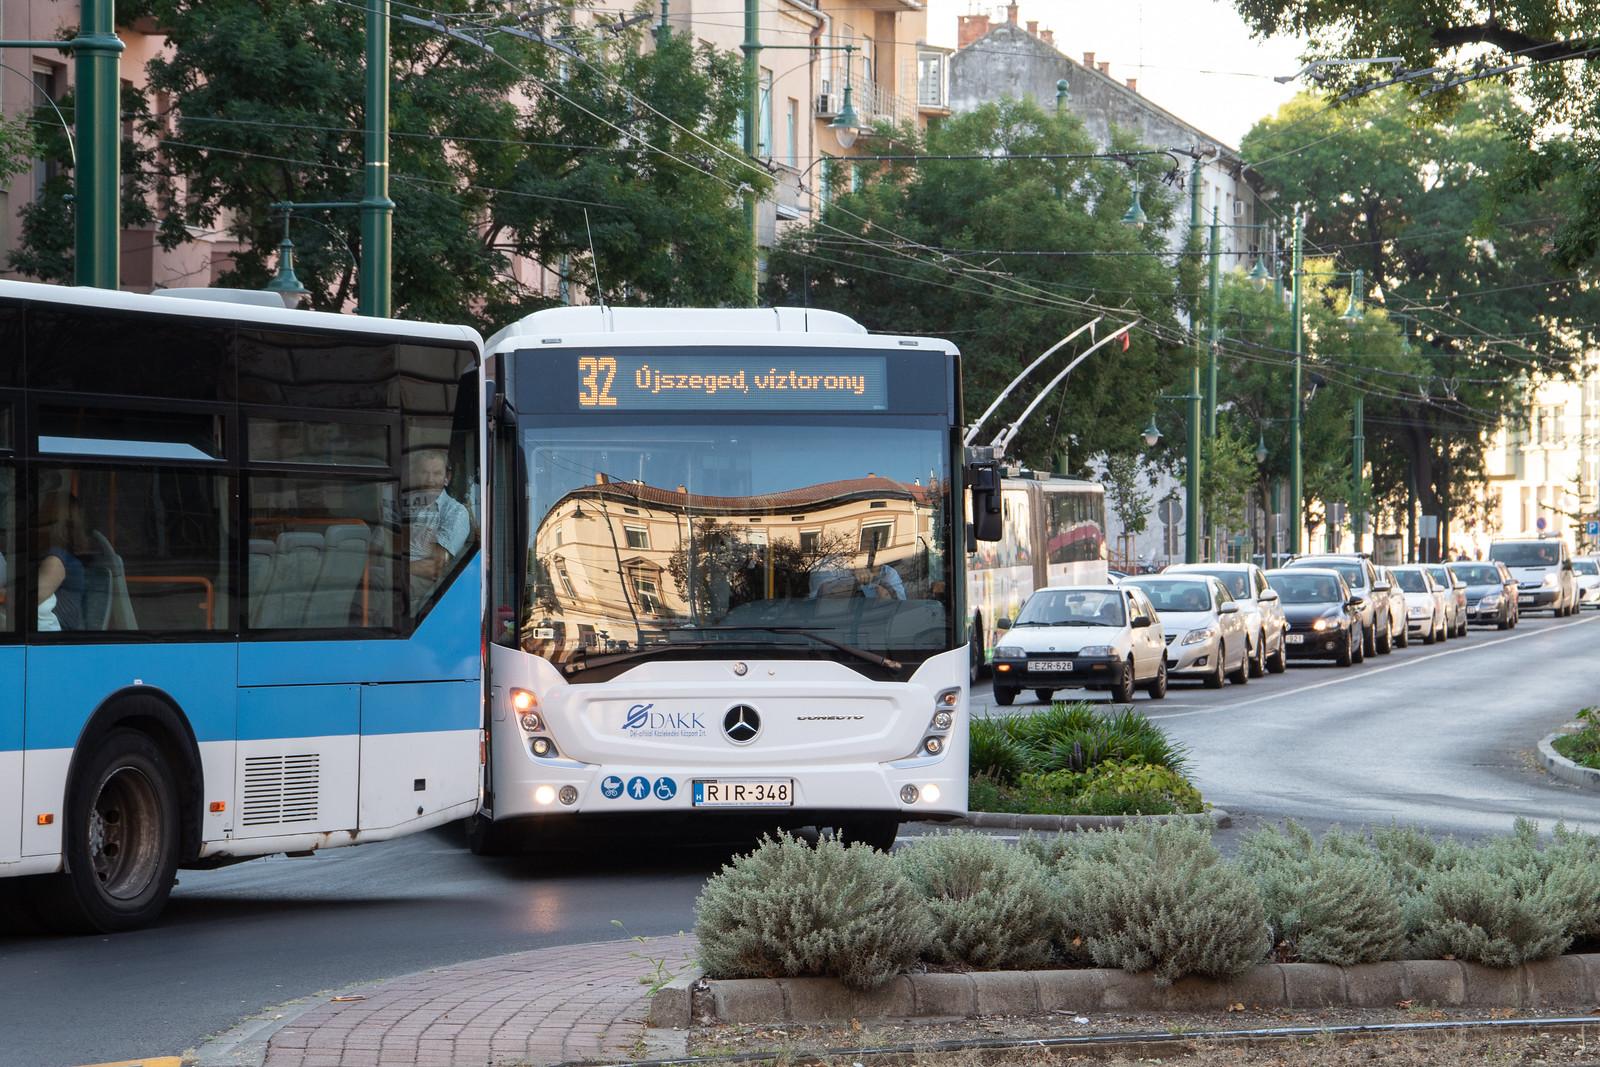 Összevonják a 73-as és 74-es buszokat, nem jár hétvégén az 1-es villamos – megérkezett a járatritkítás